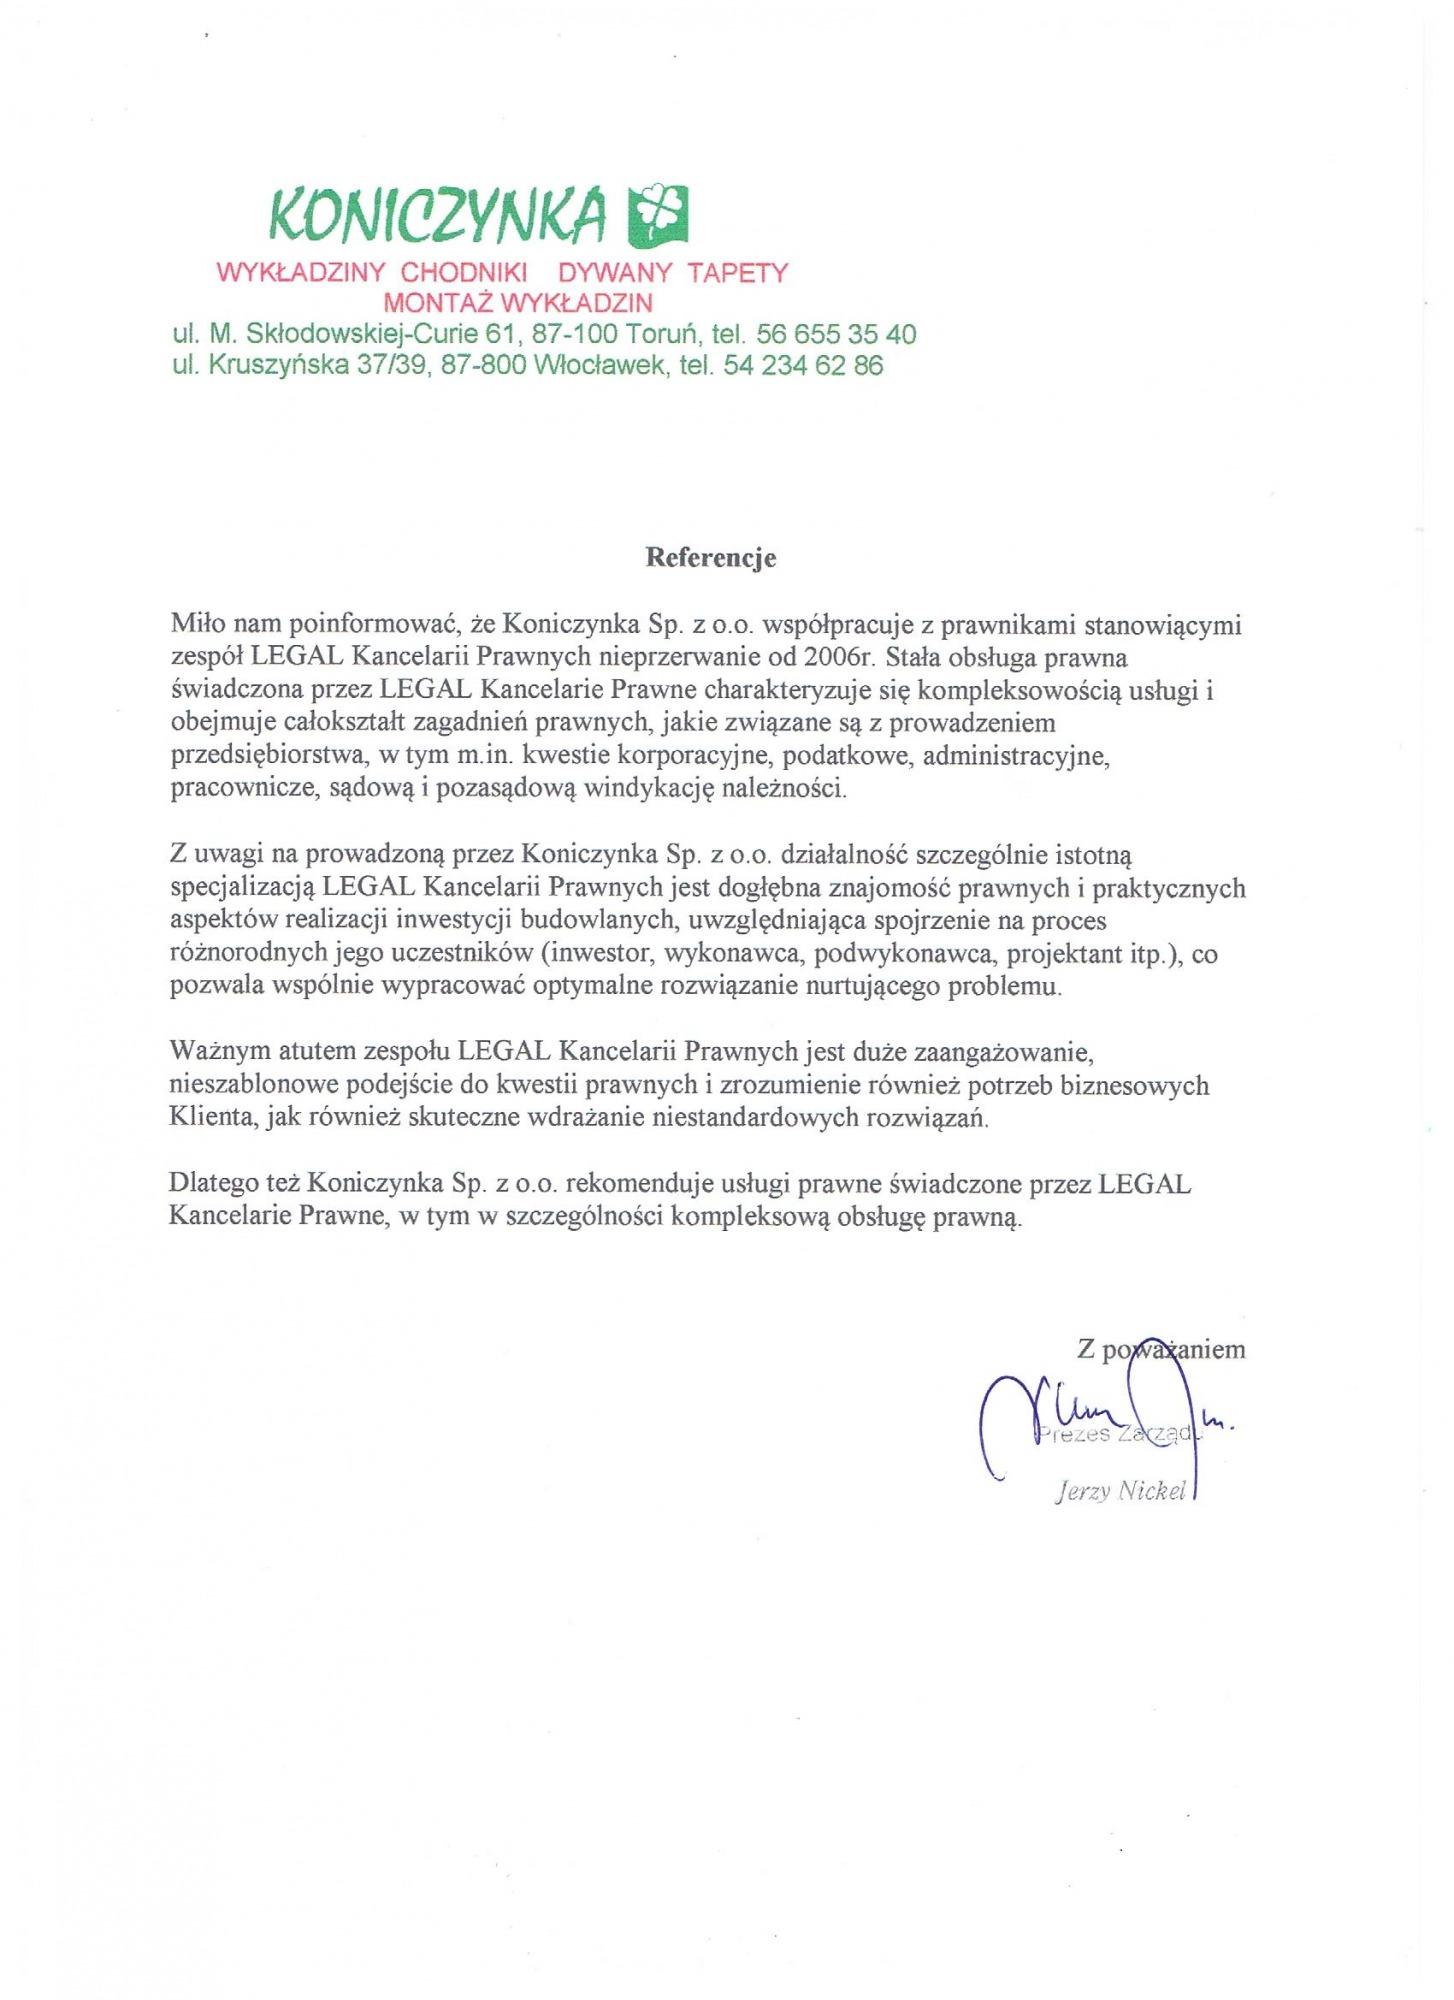 Windykacja Należności Legal Kancelarie Prawne Michał